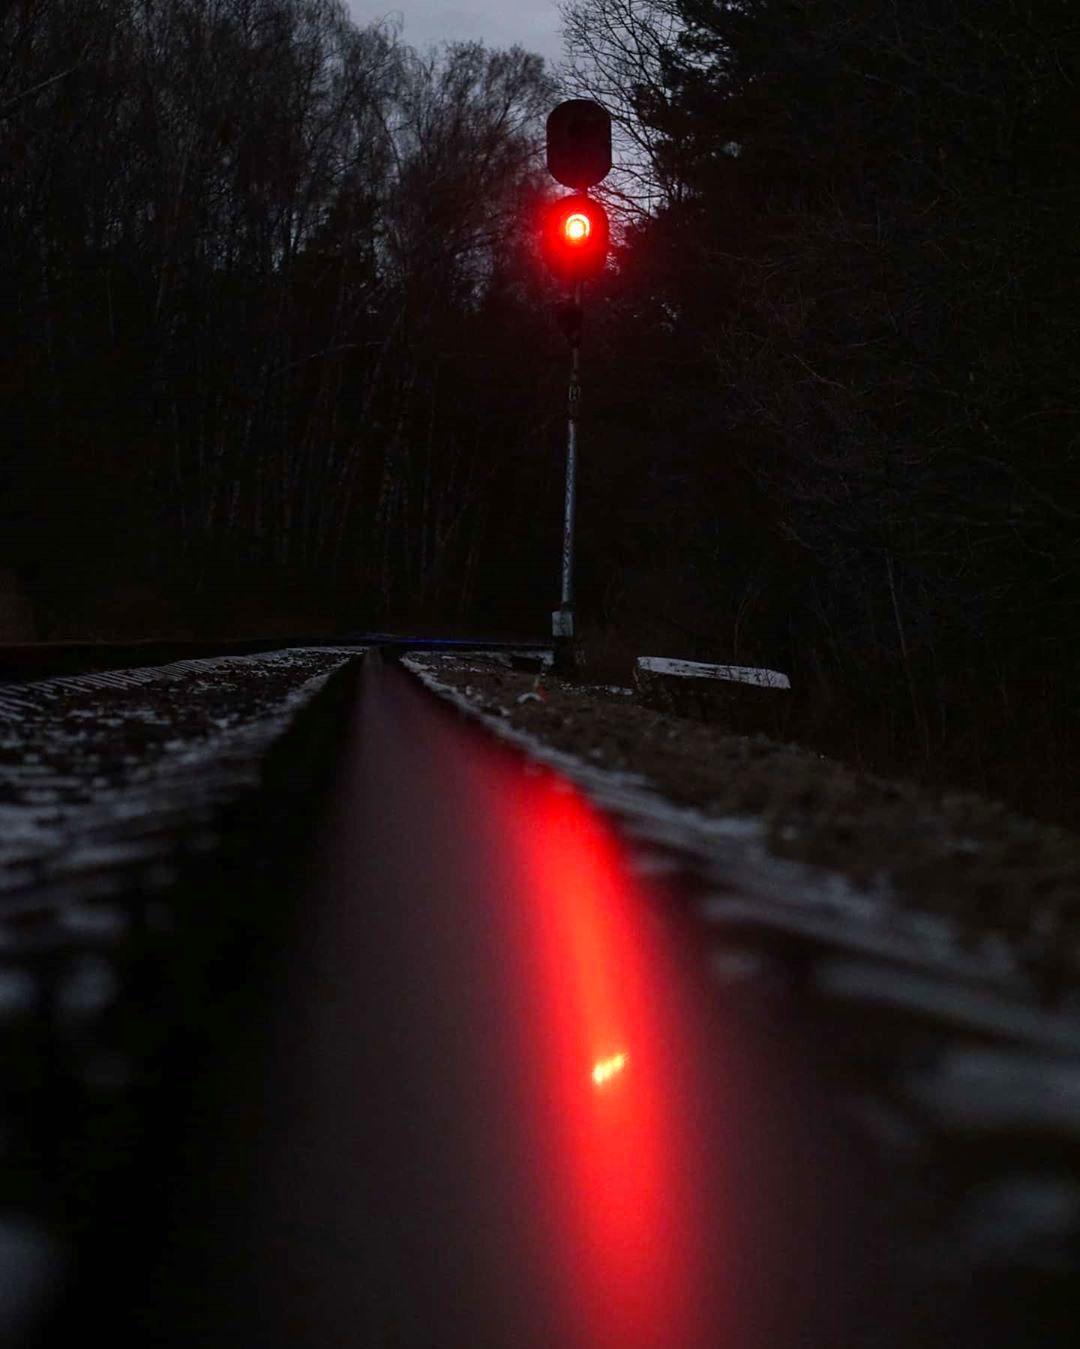 Таинственный красный: народный корреспондент поделился снимком вечернего Бирюлевского дендропарка